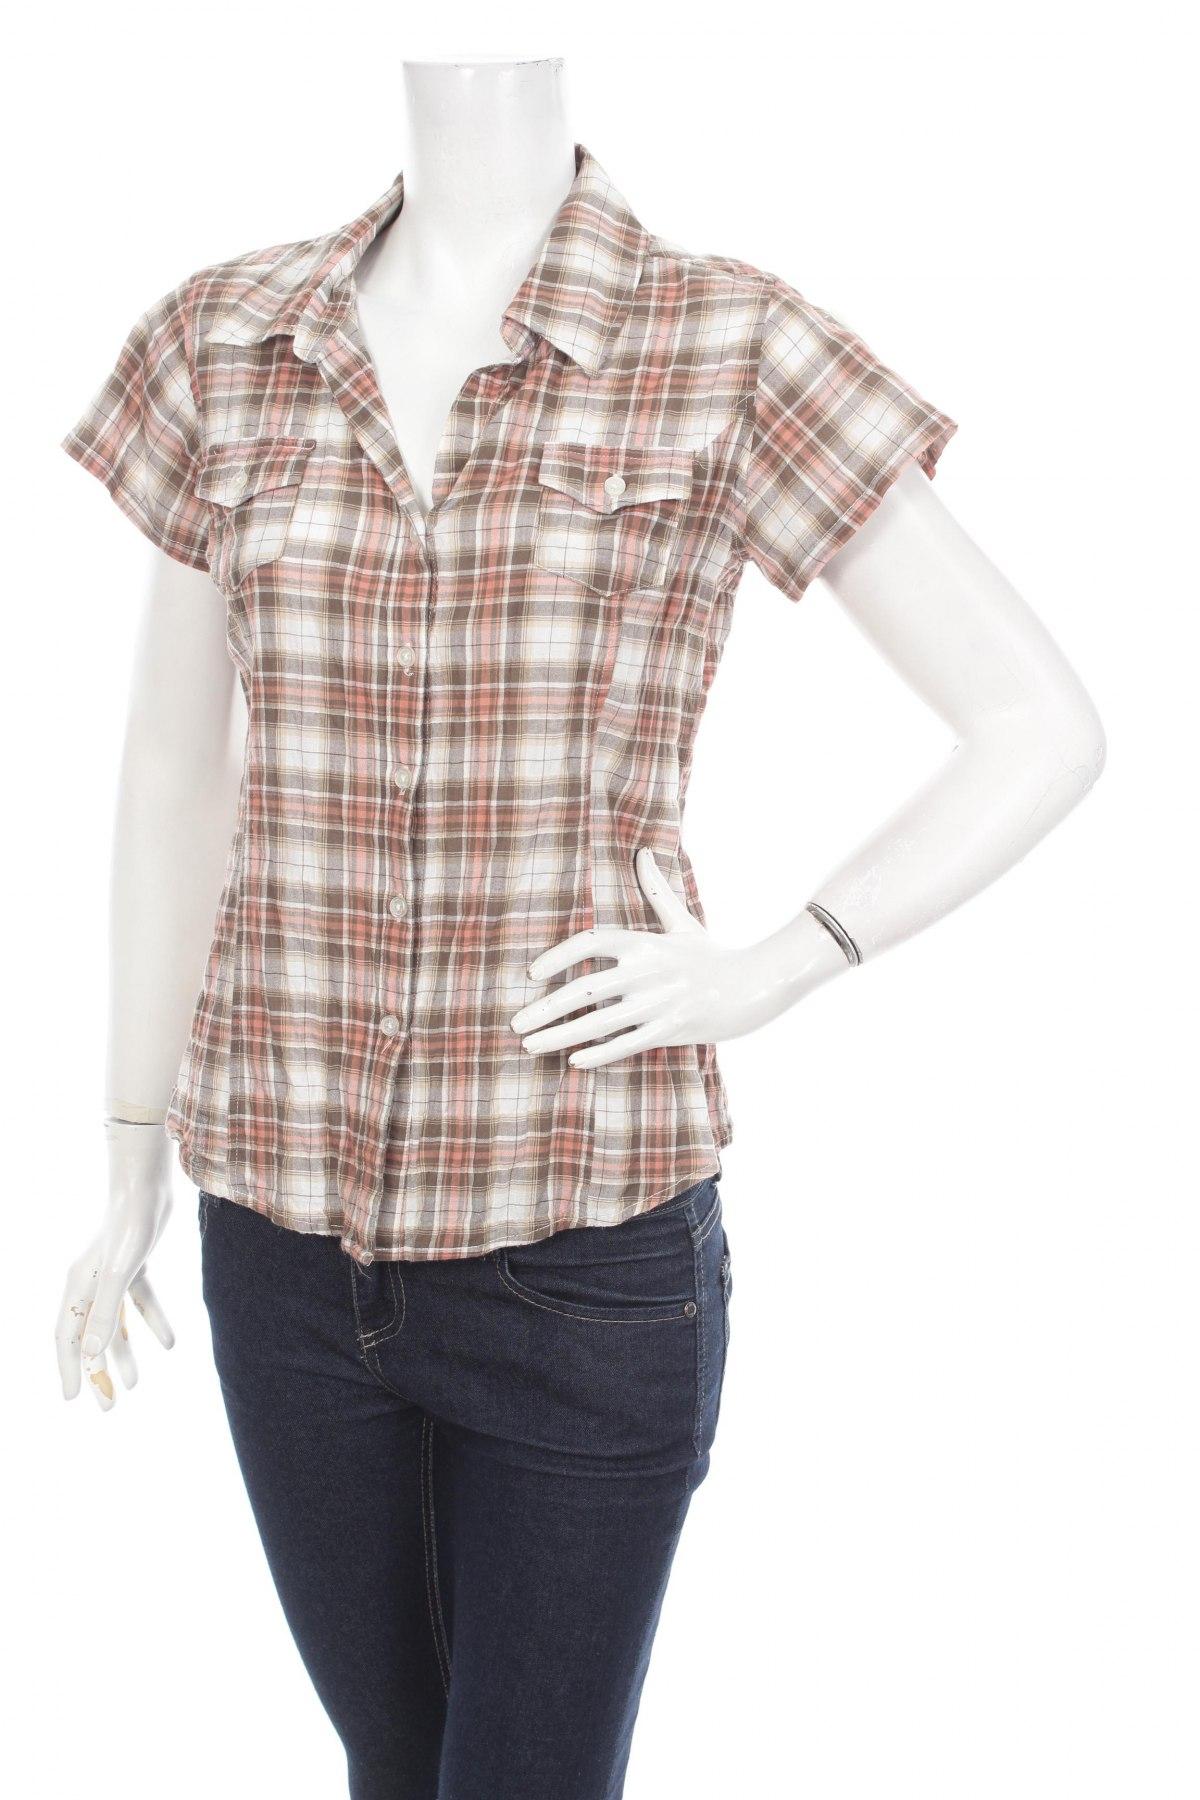 Γυναικείο πουκάμισο Chicoree